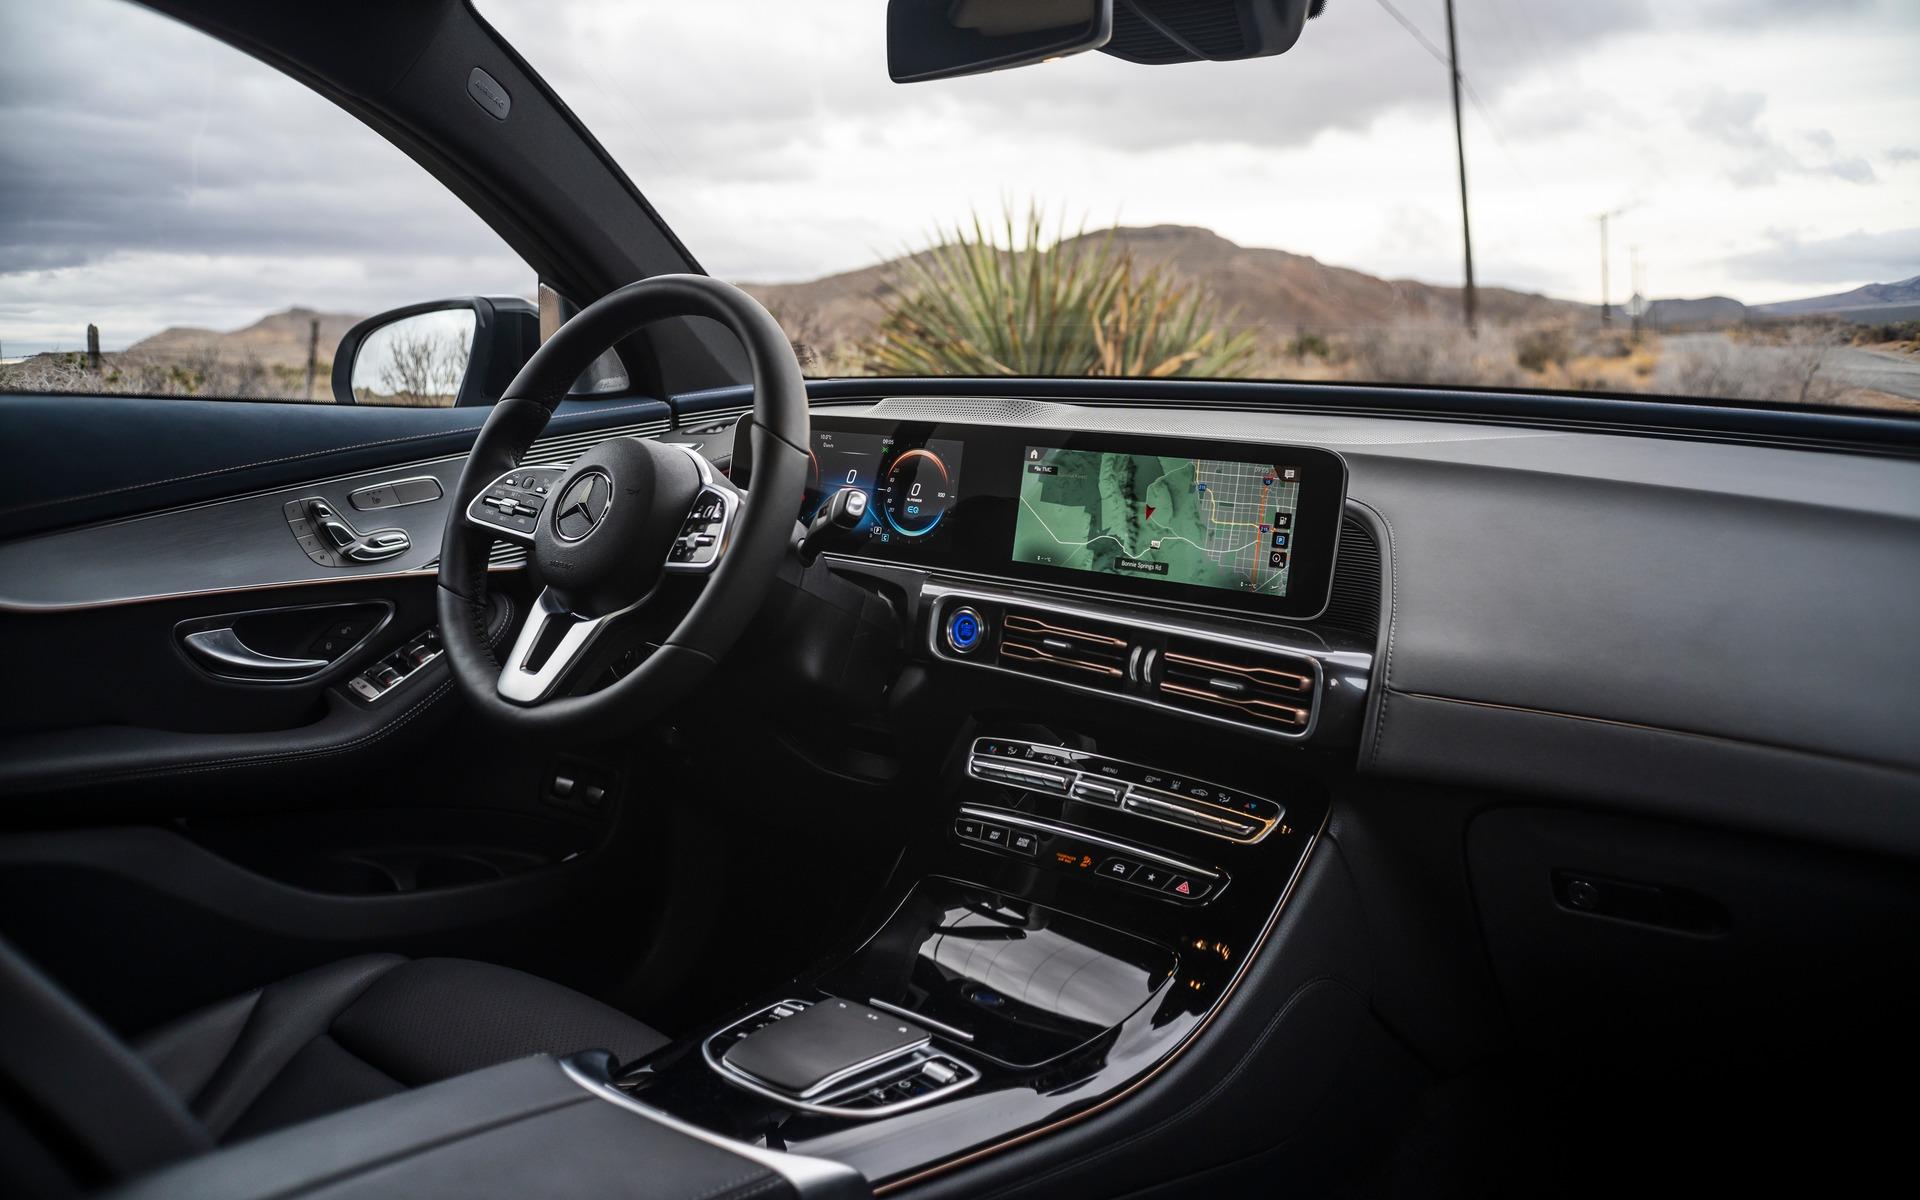 Mercedes-Benz EQC 400 2020 : à bord du VUS électrique 362009_2020_Mercedes-Benz